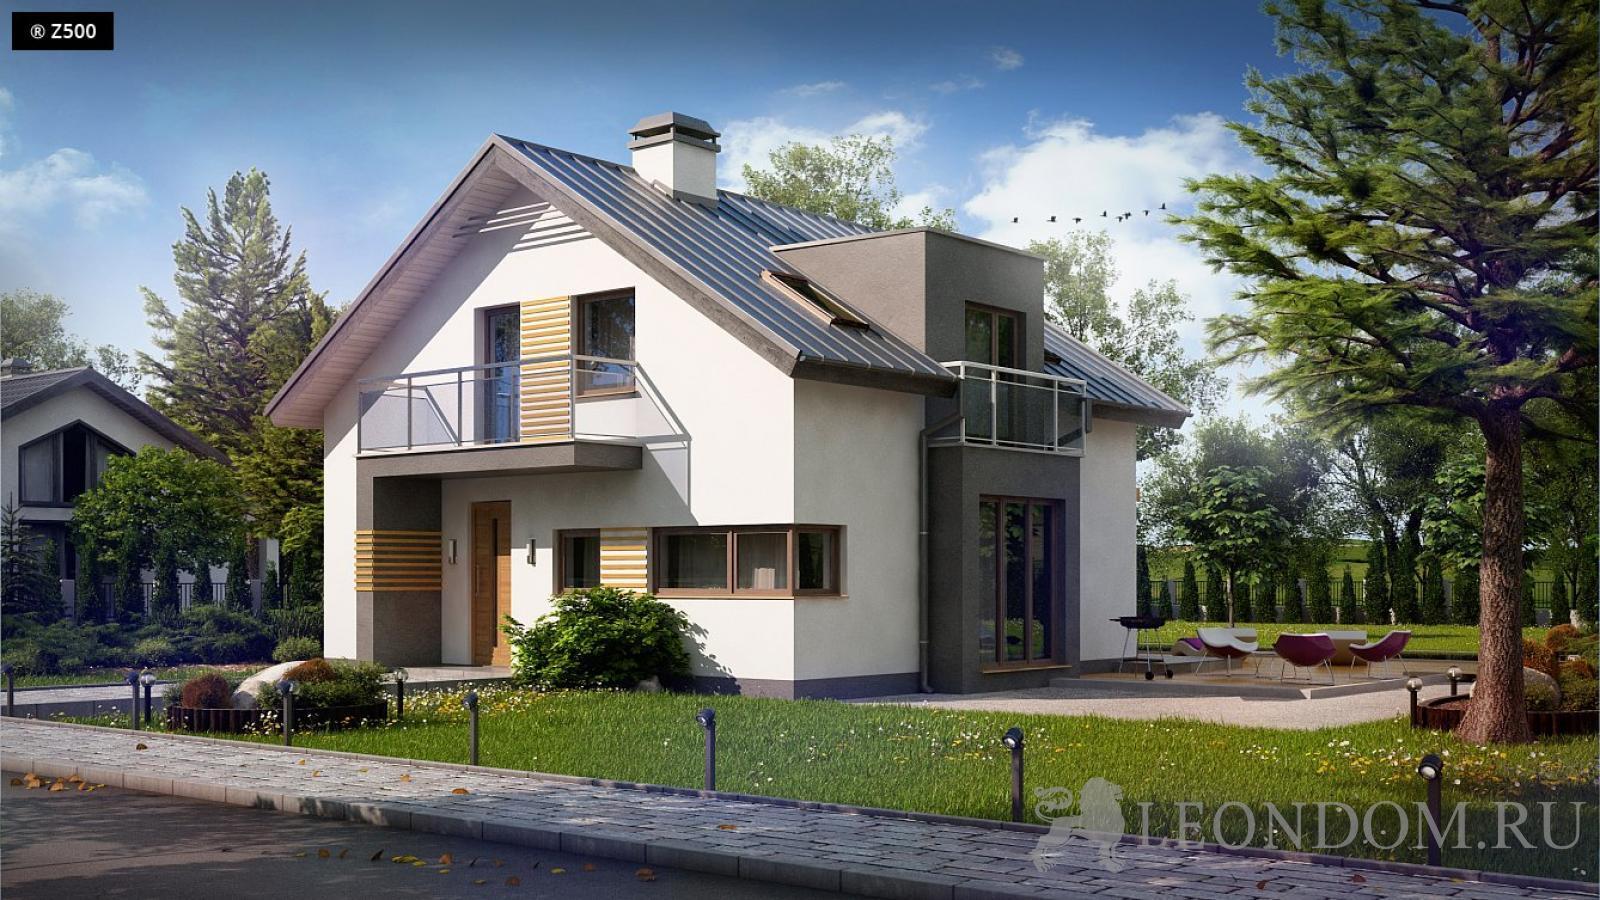 Компания Леон строит загородные дома в Москве и подмосковье из газобетона, кирпича или керамических блоков